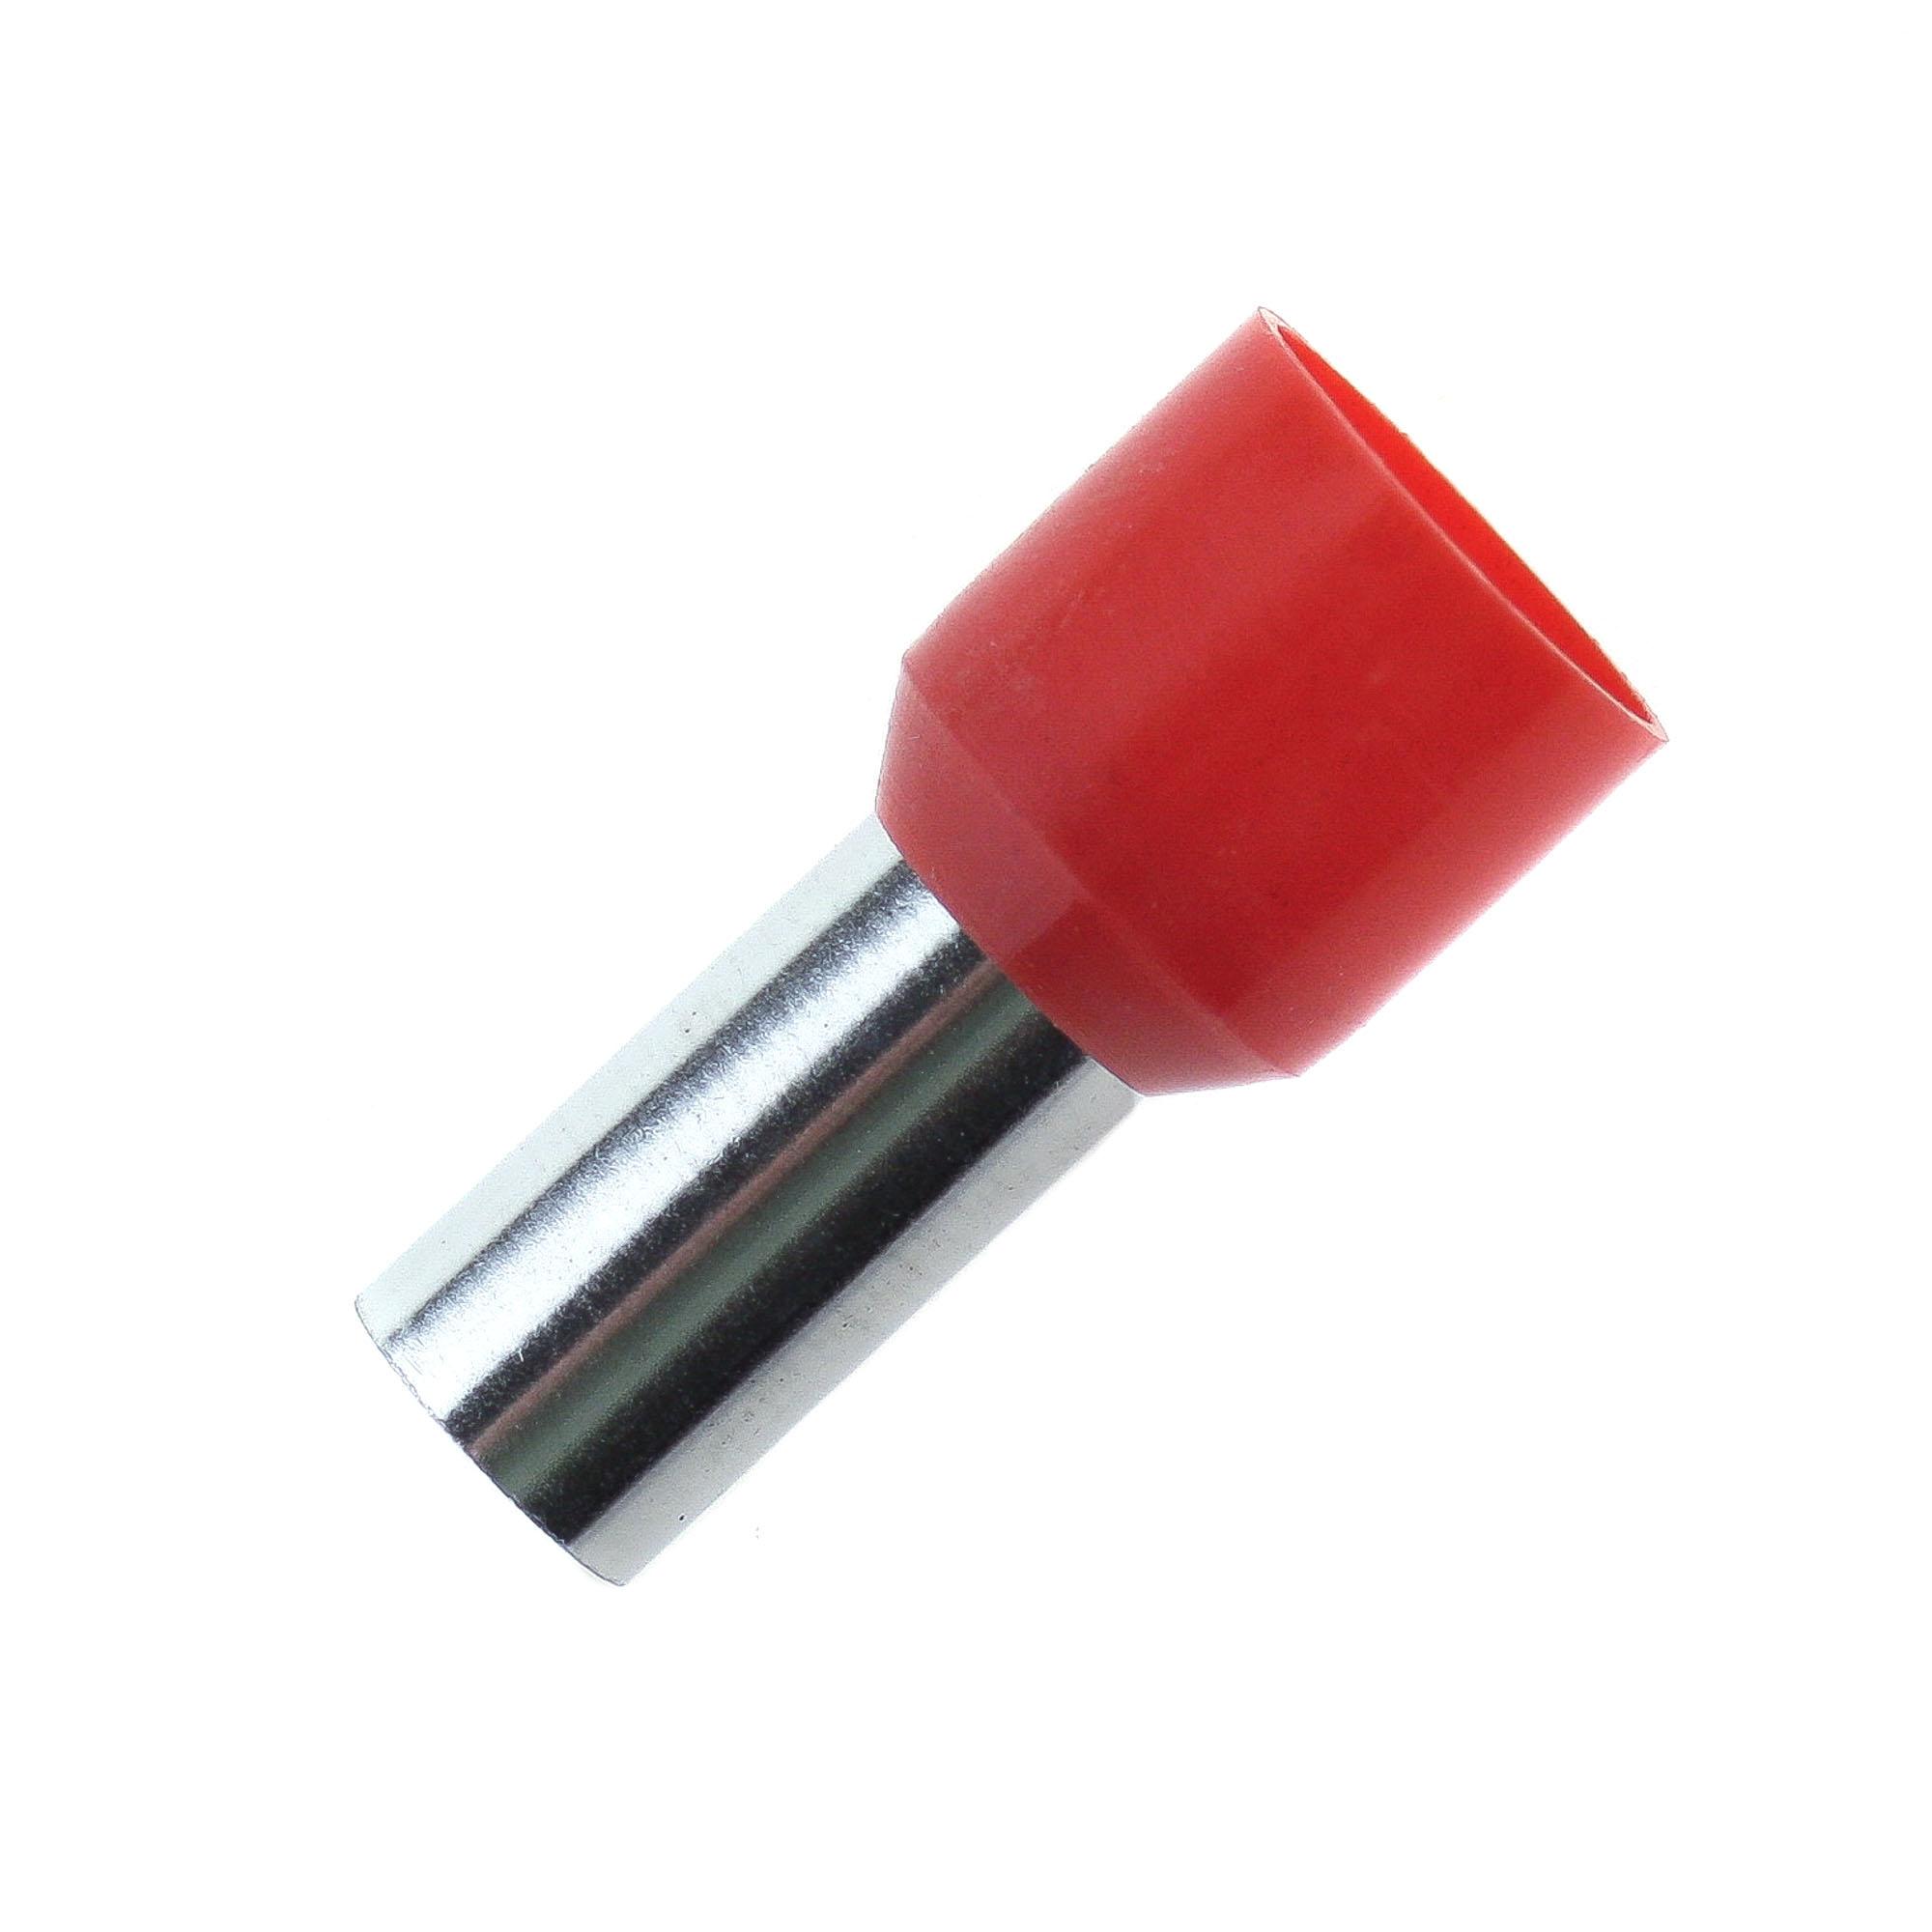 50mm² Querschnitt Kabel Endhülsen Aderendhülsen isoliert 0,25mm²